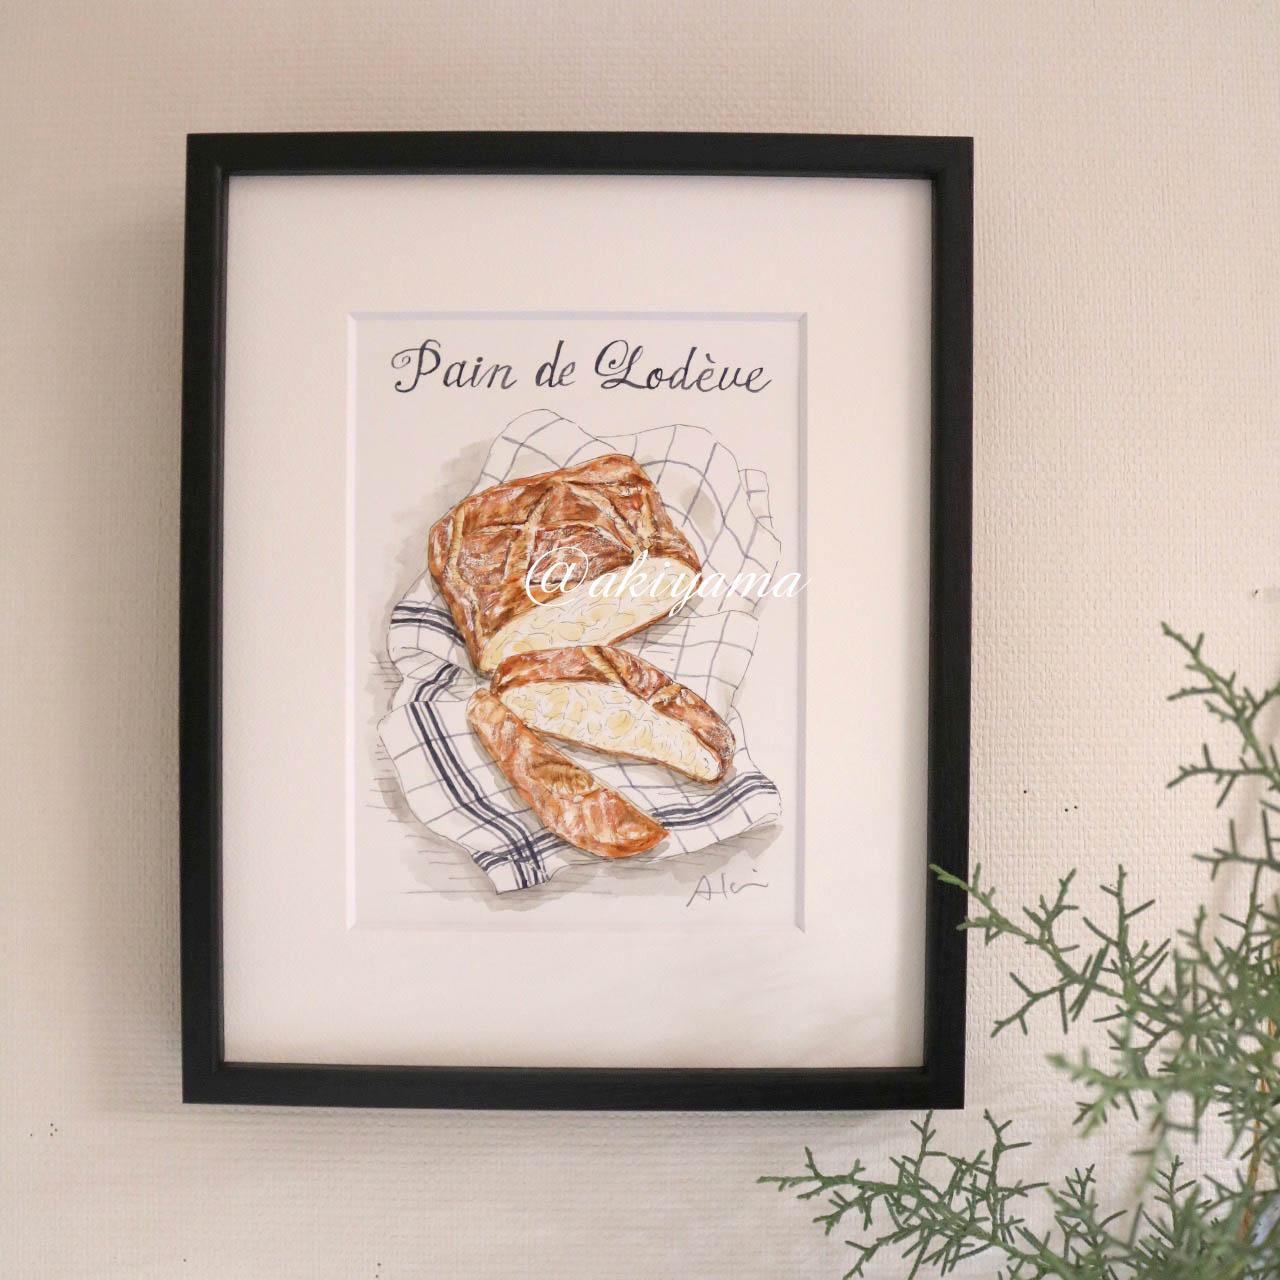 2020パンのカレンダー12月のパン・ド・ロデヴ